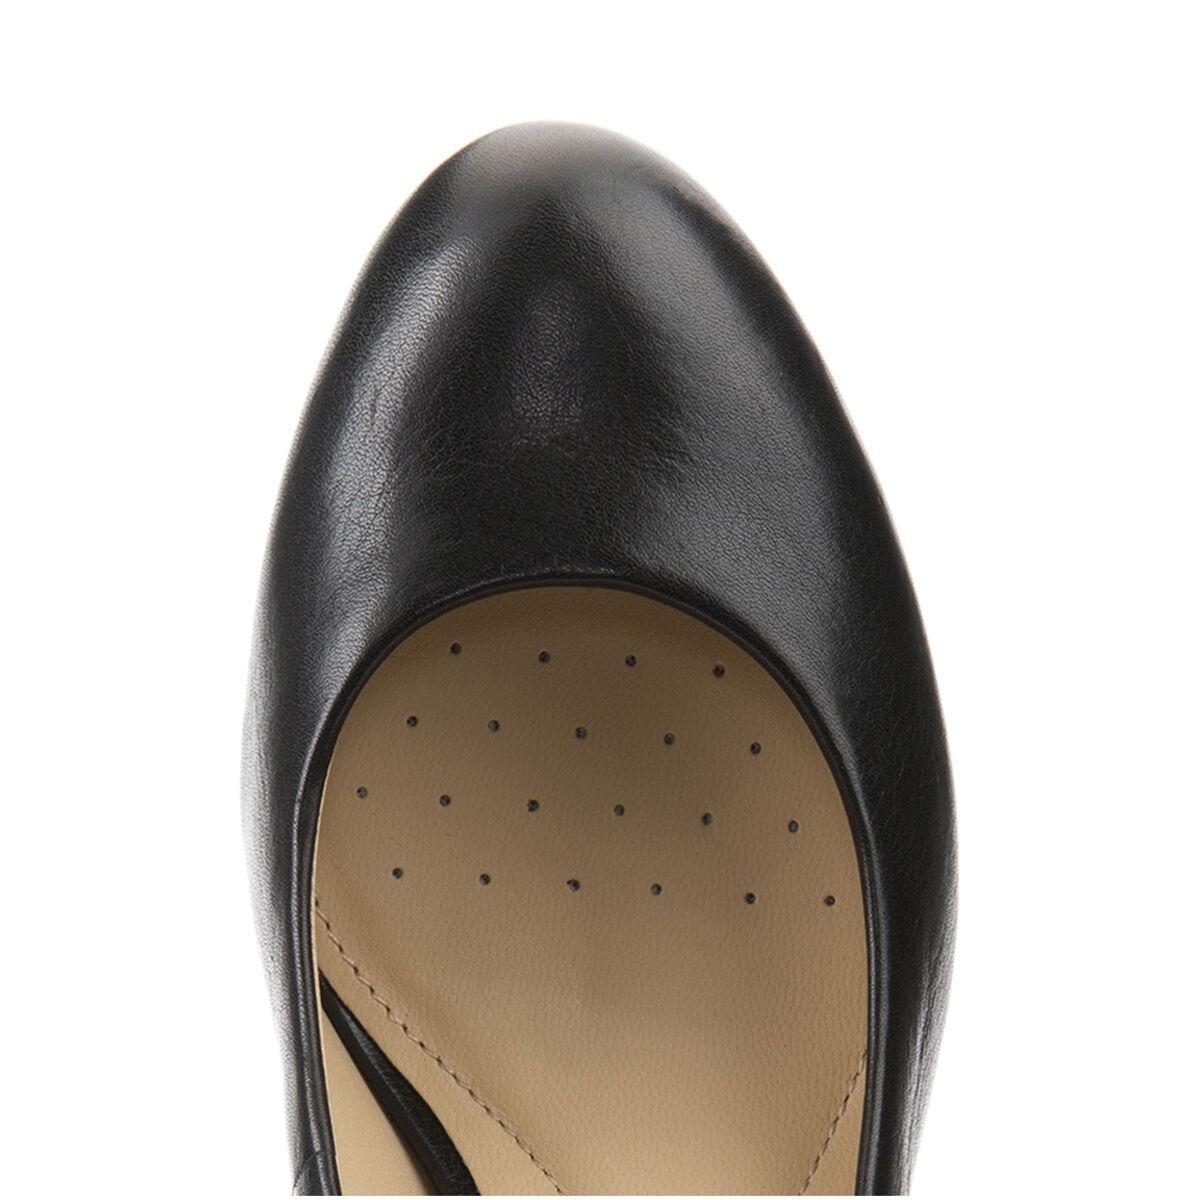 GEOX ALTO Schuhe Damens DECOLTE' IN PELLE NERO CON TACCO ALTO GEOX LINEA LANA D52Q6C 268a0c